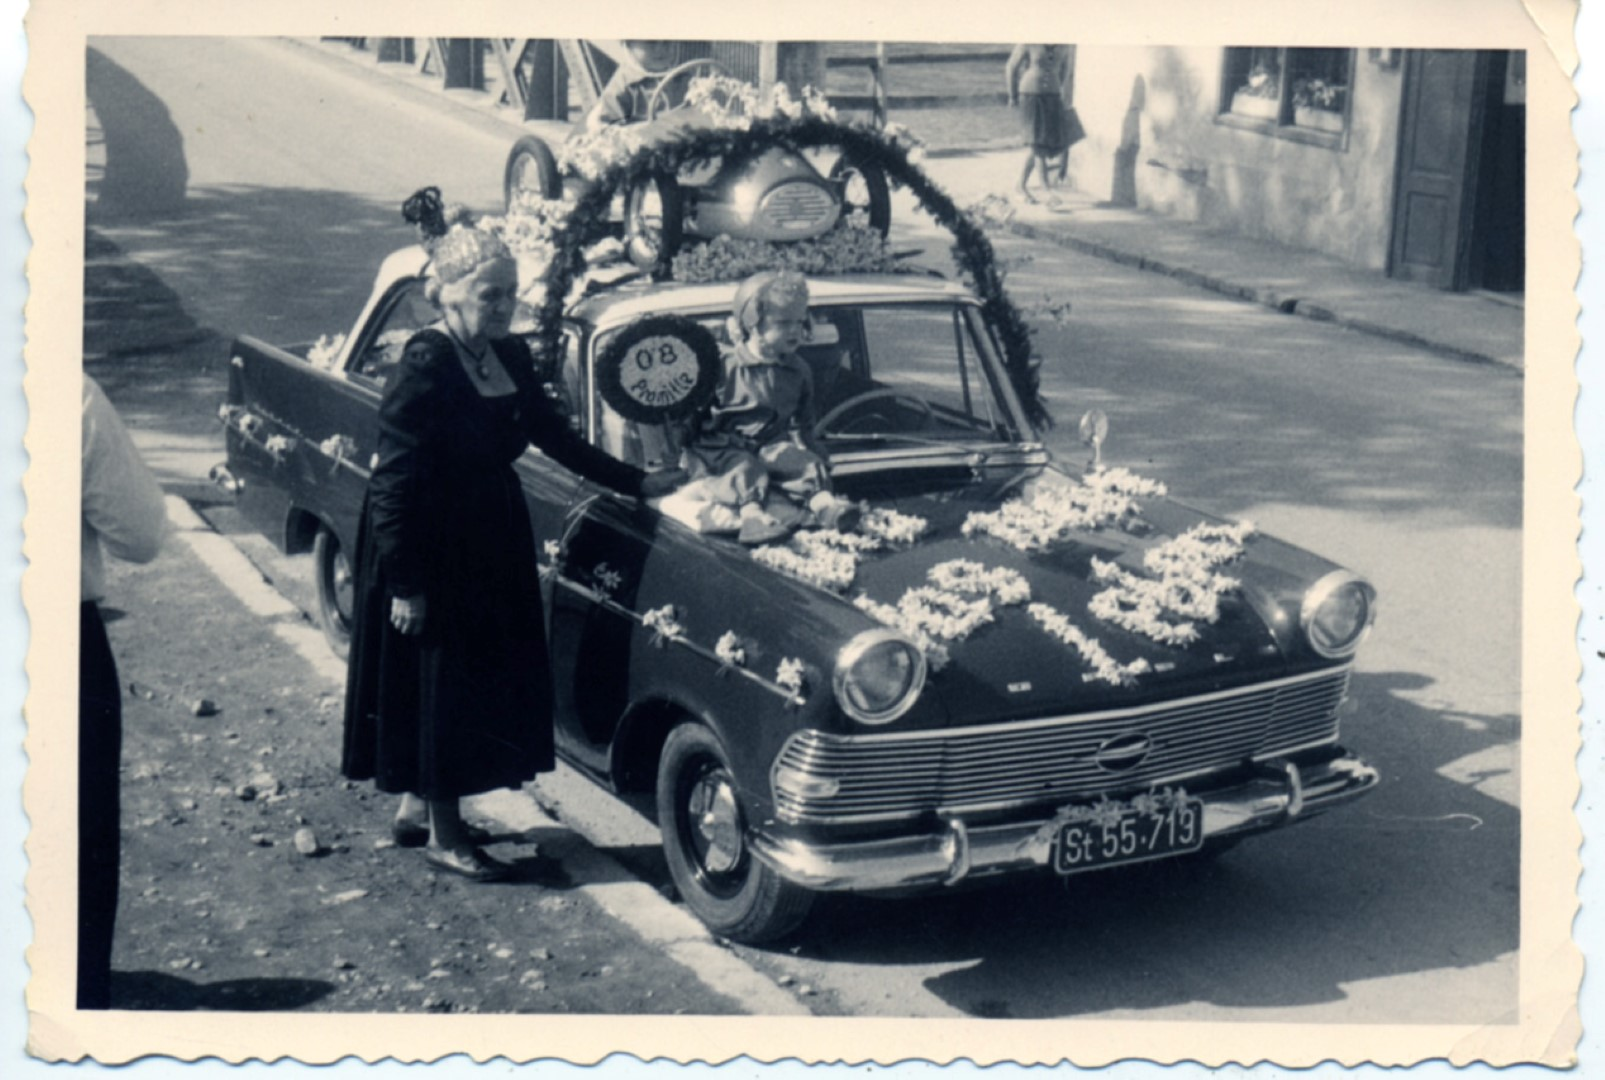 60 Jahre Narzissenfest (66)